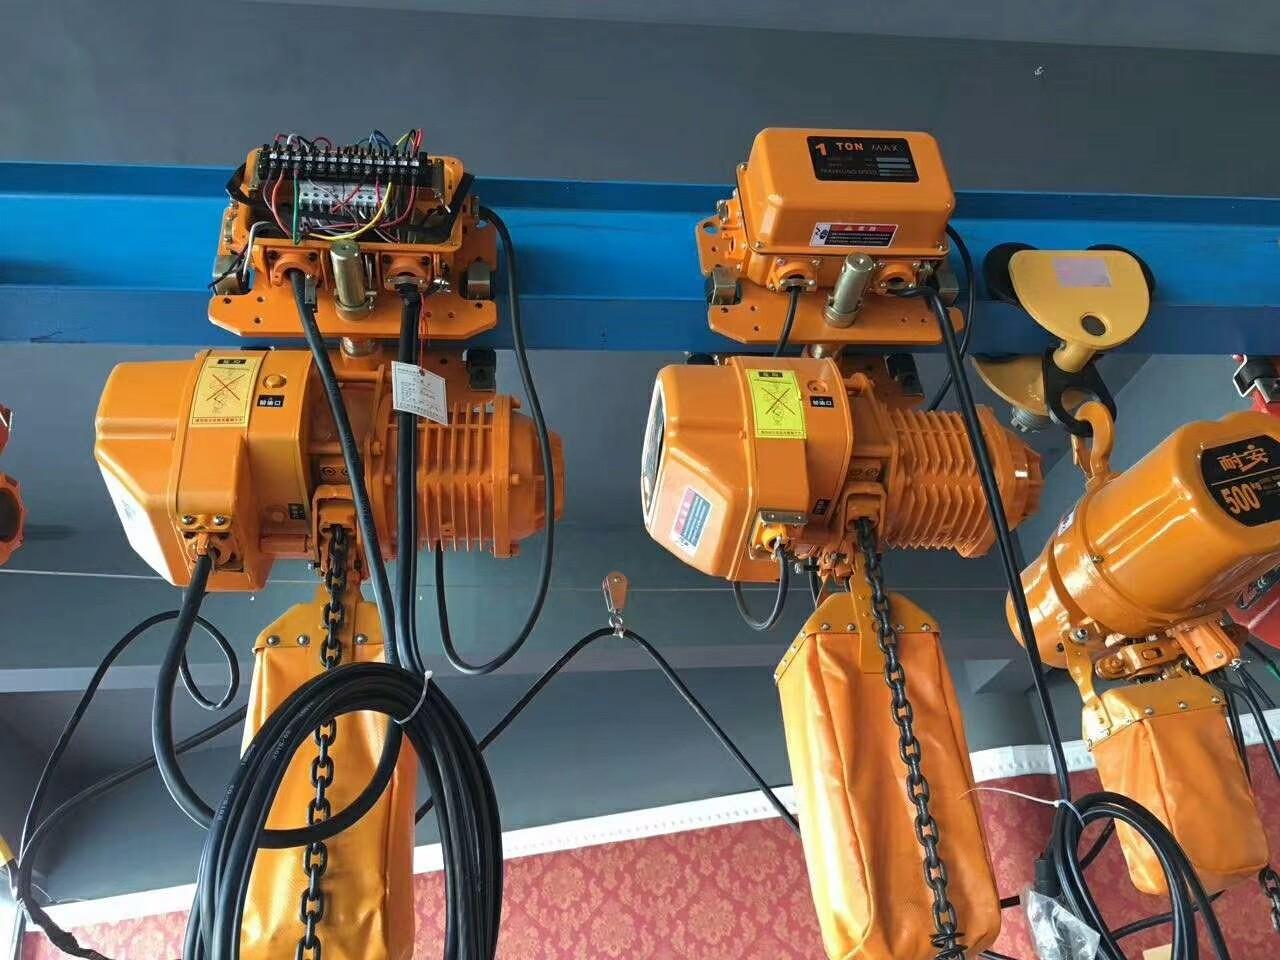 常州新北区买优质电动链条葫芦联系丁经理